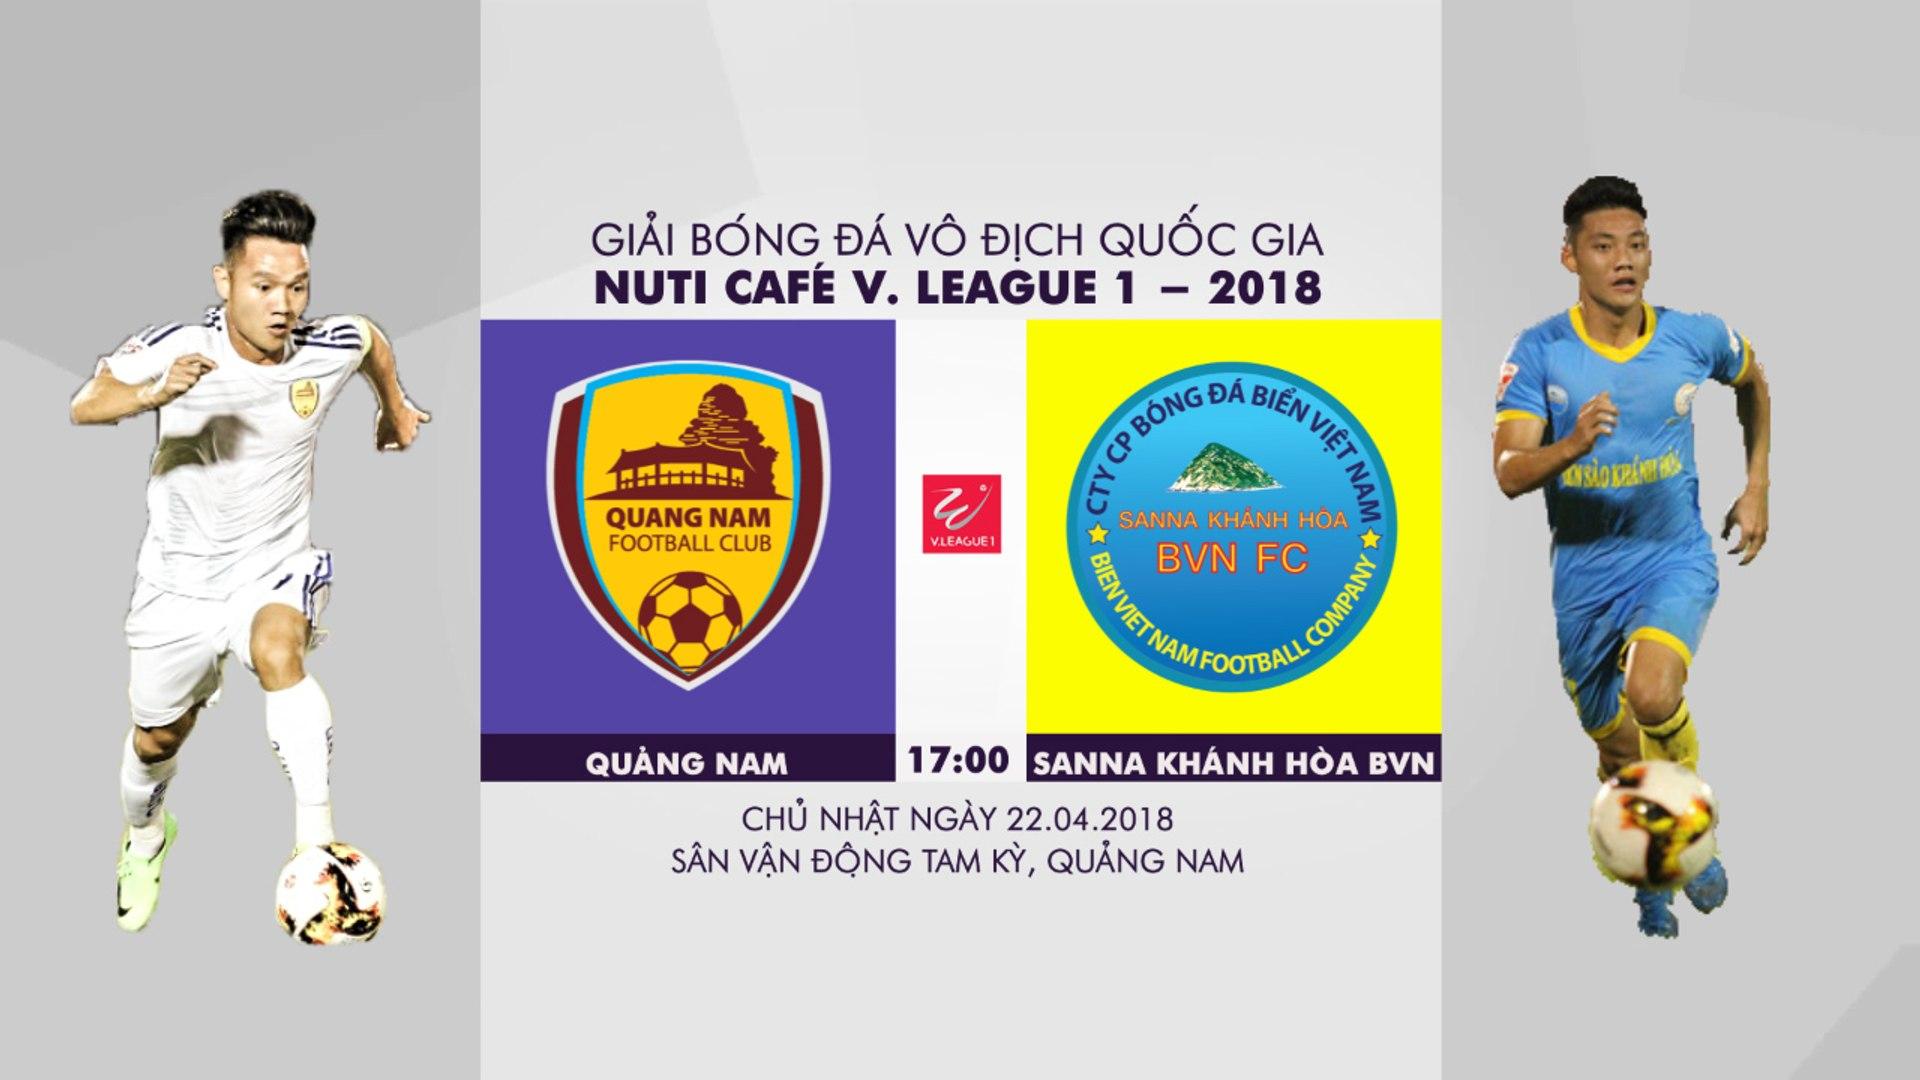 TRỰC TIẾP | Quảng Nam VS Sanna Khánh Hòa BVN | Vòng 6 |  V.League 2018